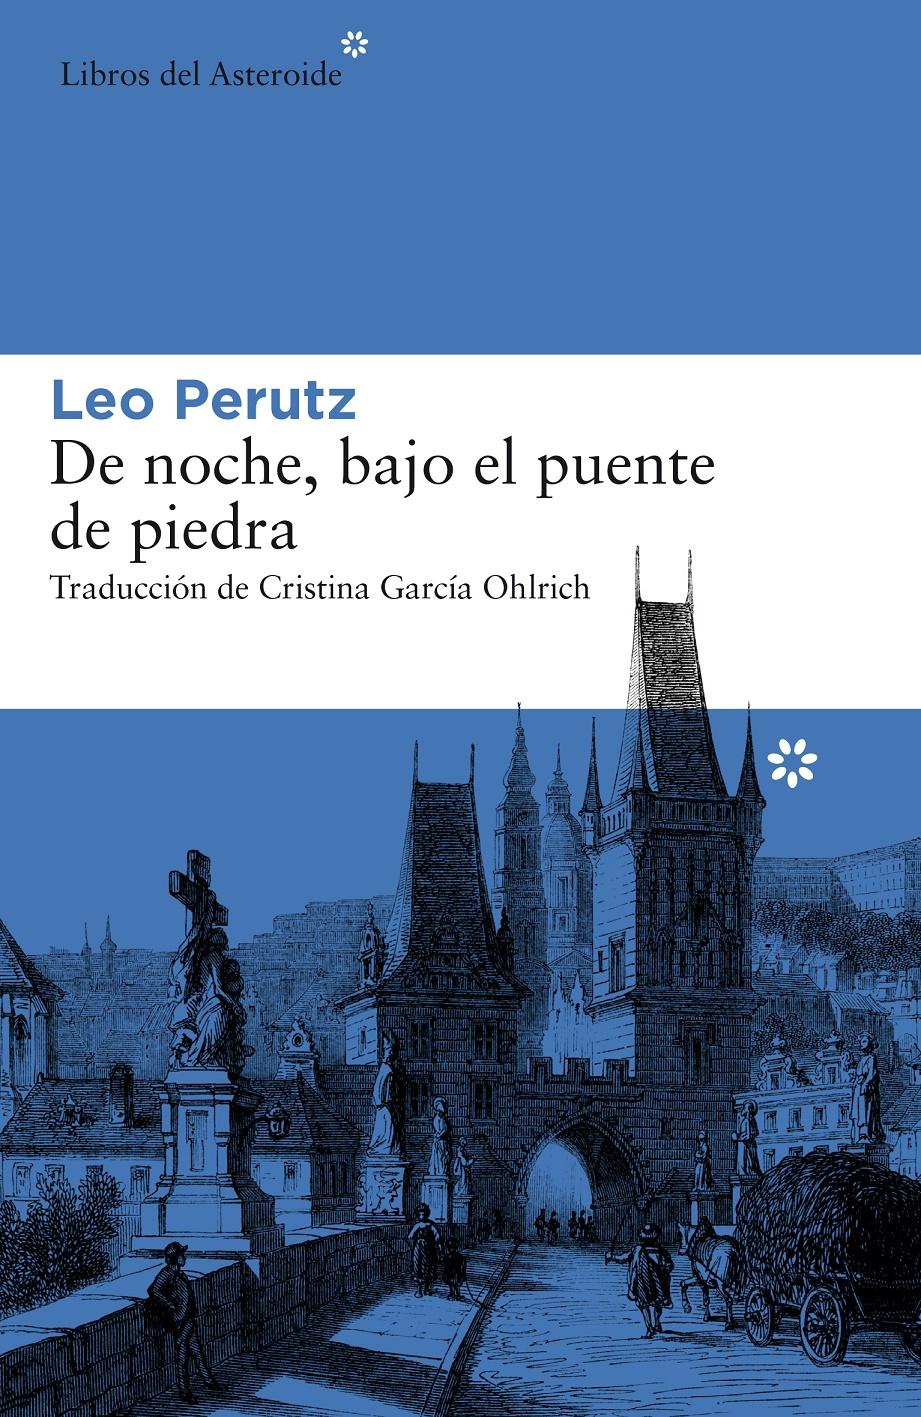 http://laantiguabiblos.blogspot.com.es/2016/10/de-noche-bajo-el-puente-de-piedra-leo.html